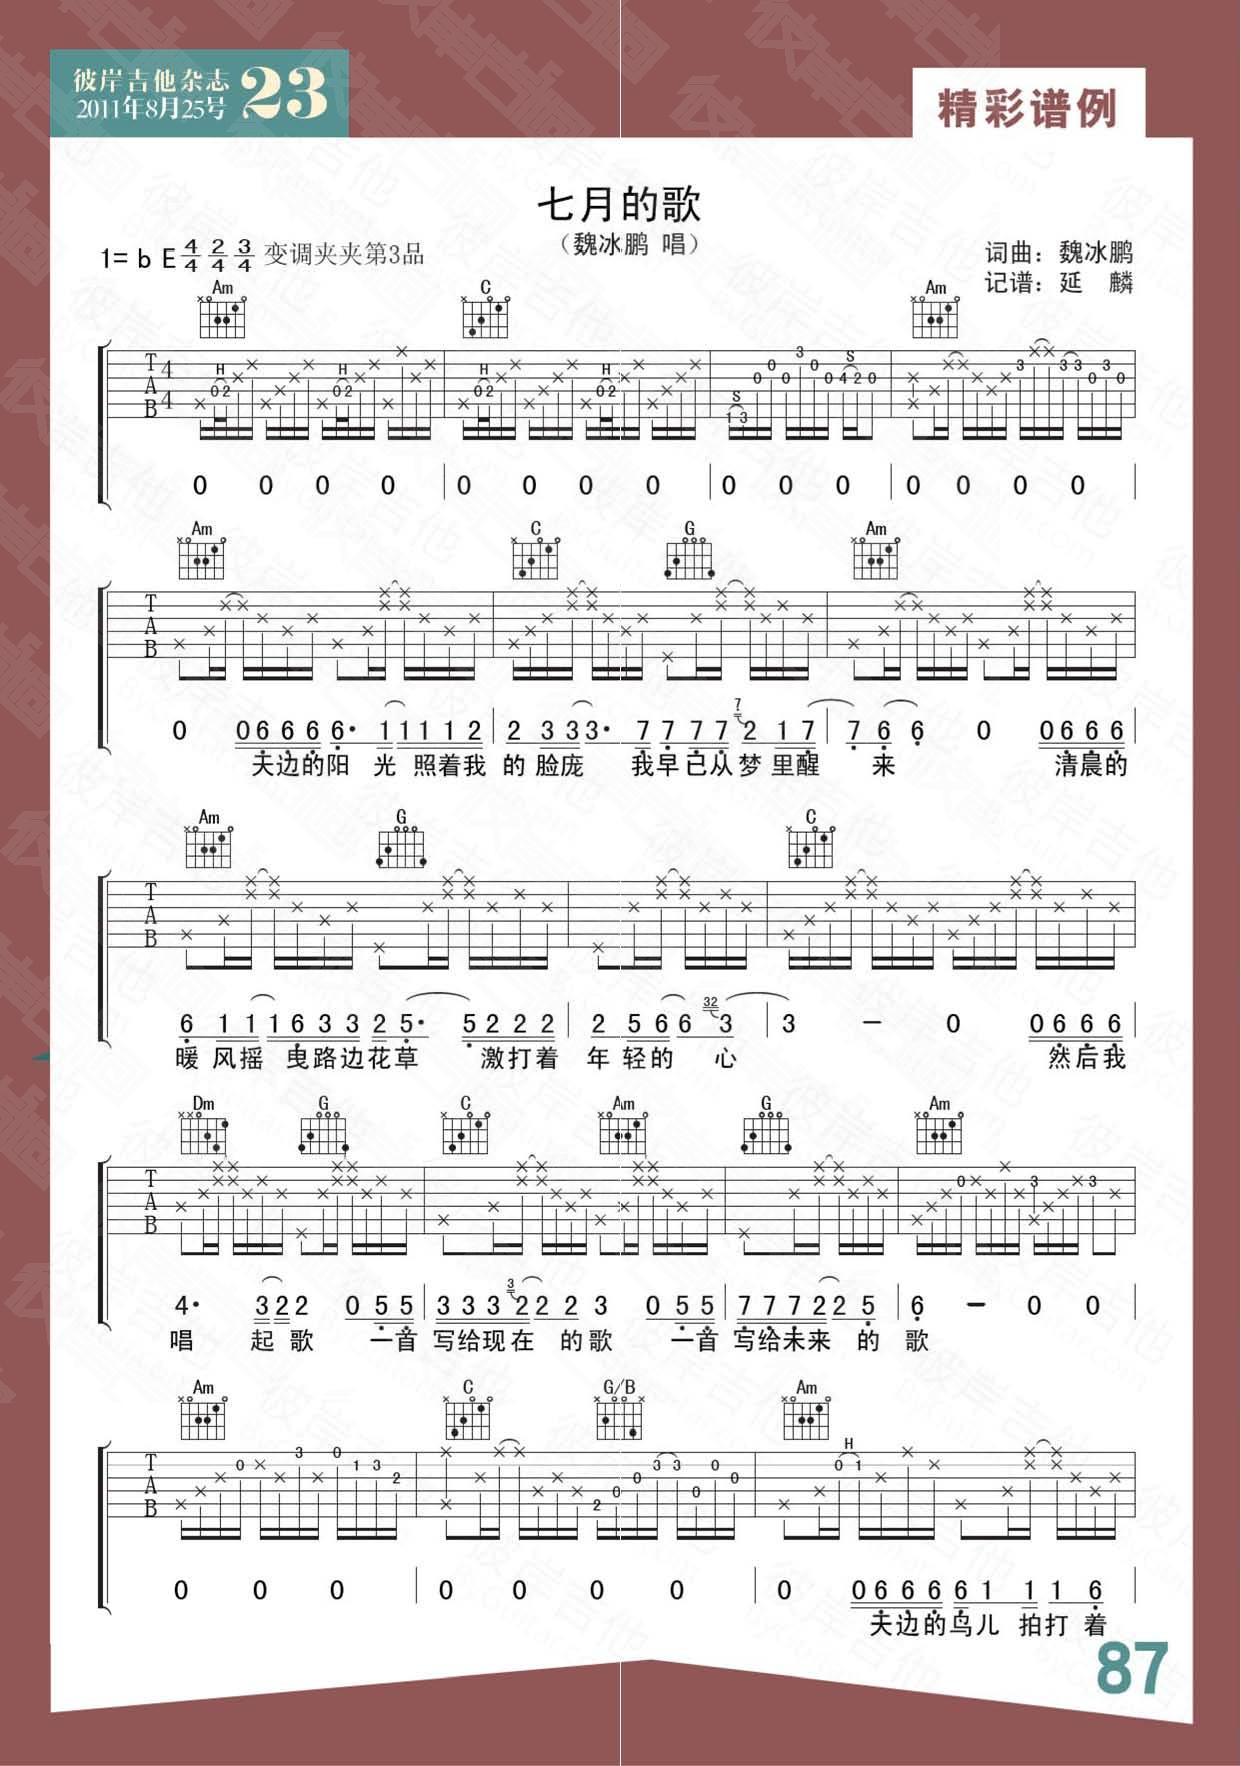 《七月的歌》吉他谱 魏冰鹏 - 彼岸吉他_一站式吉他者图片